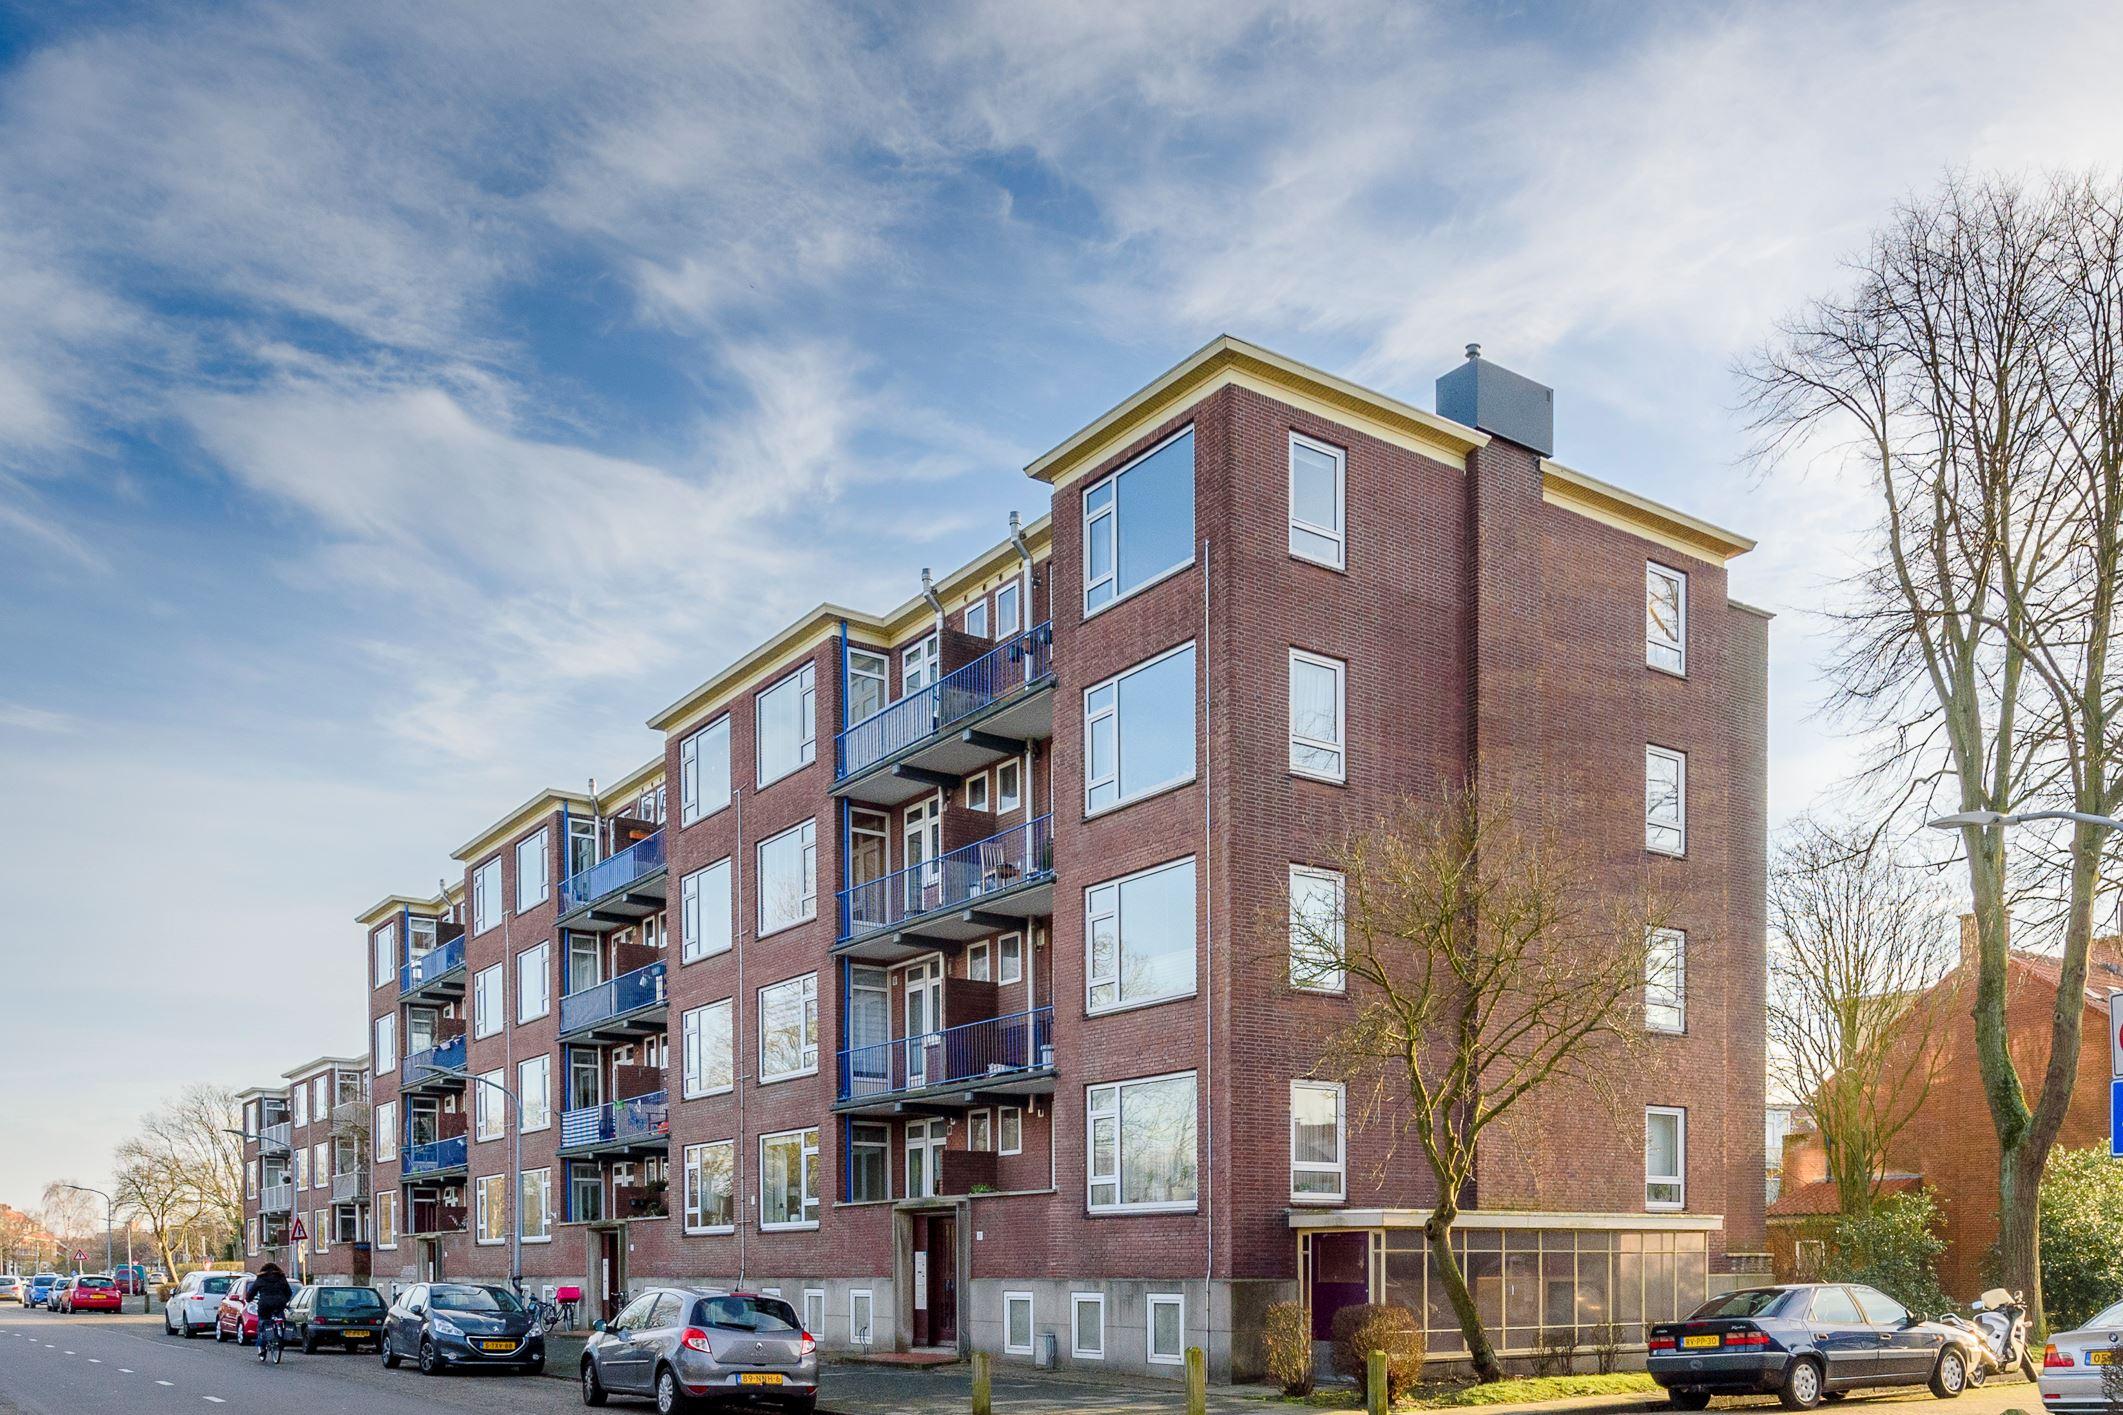 sinnevelt-te-zaanenkwartier-haarlem-noord-moderne-flat